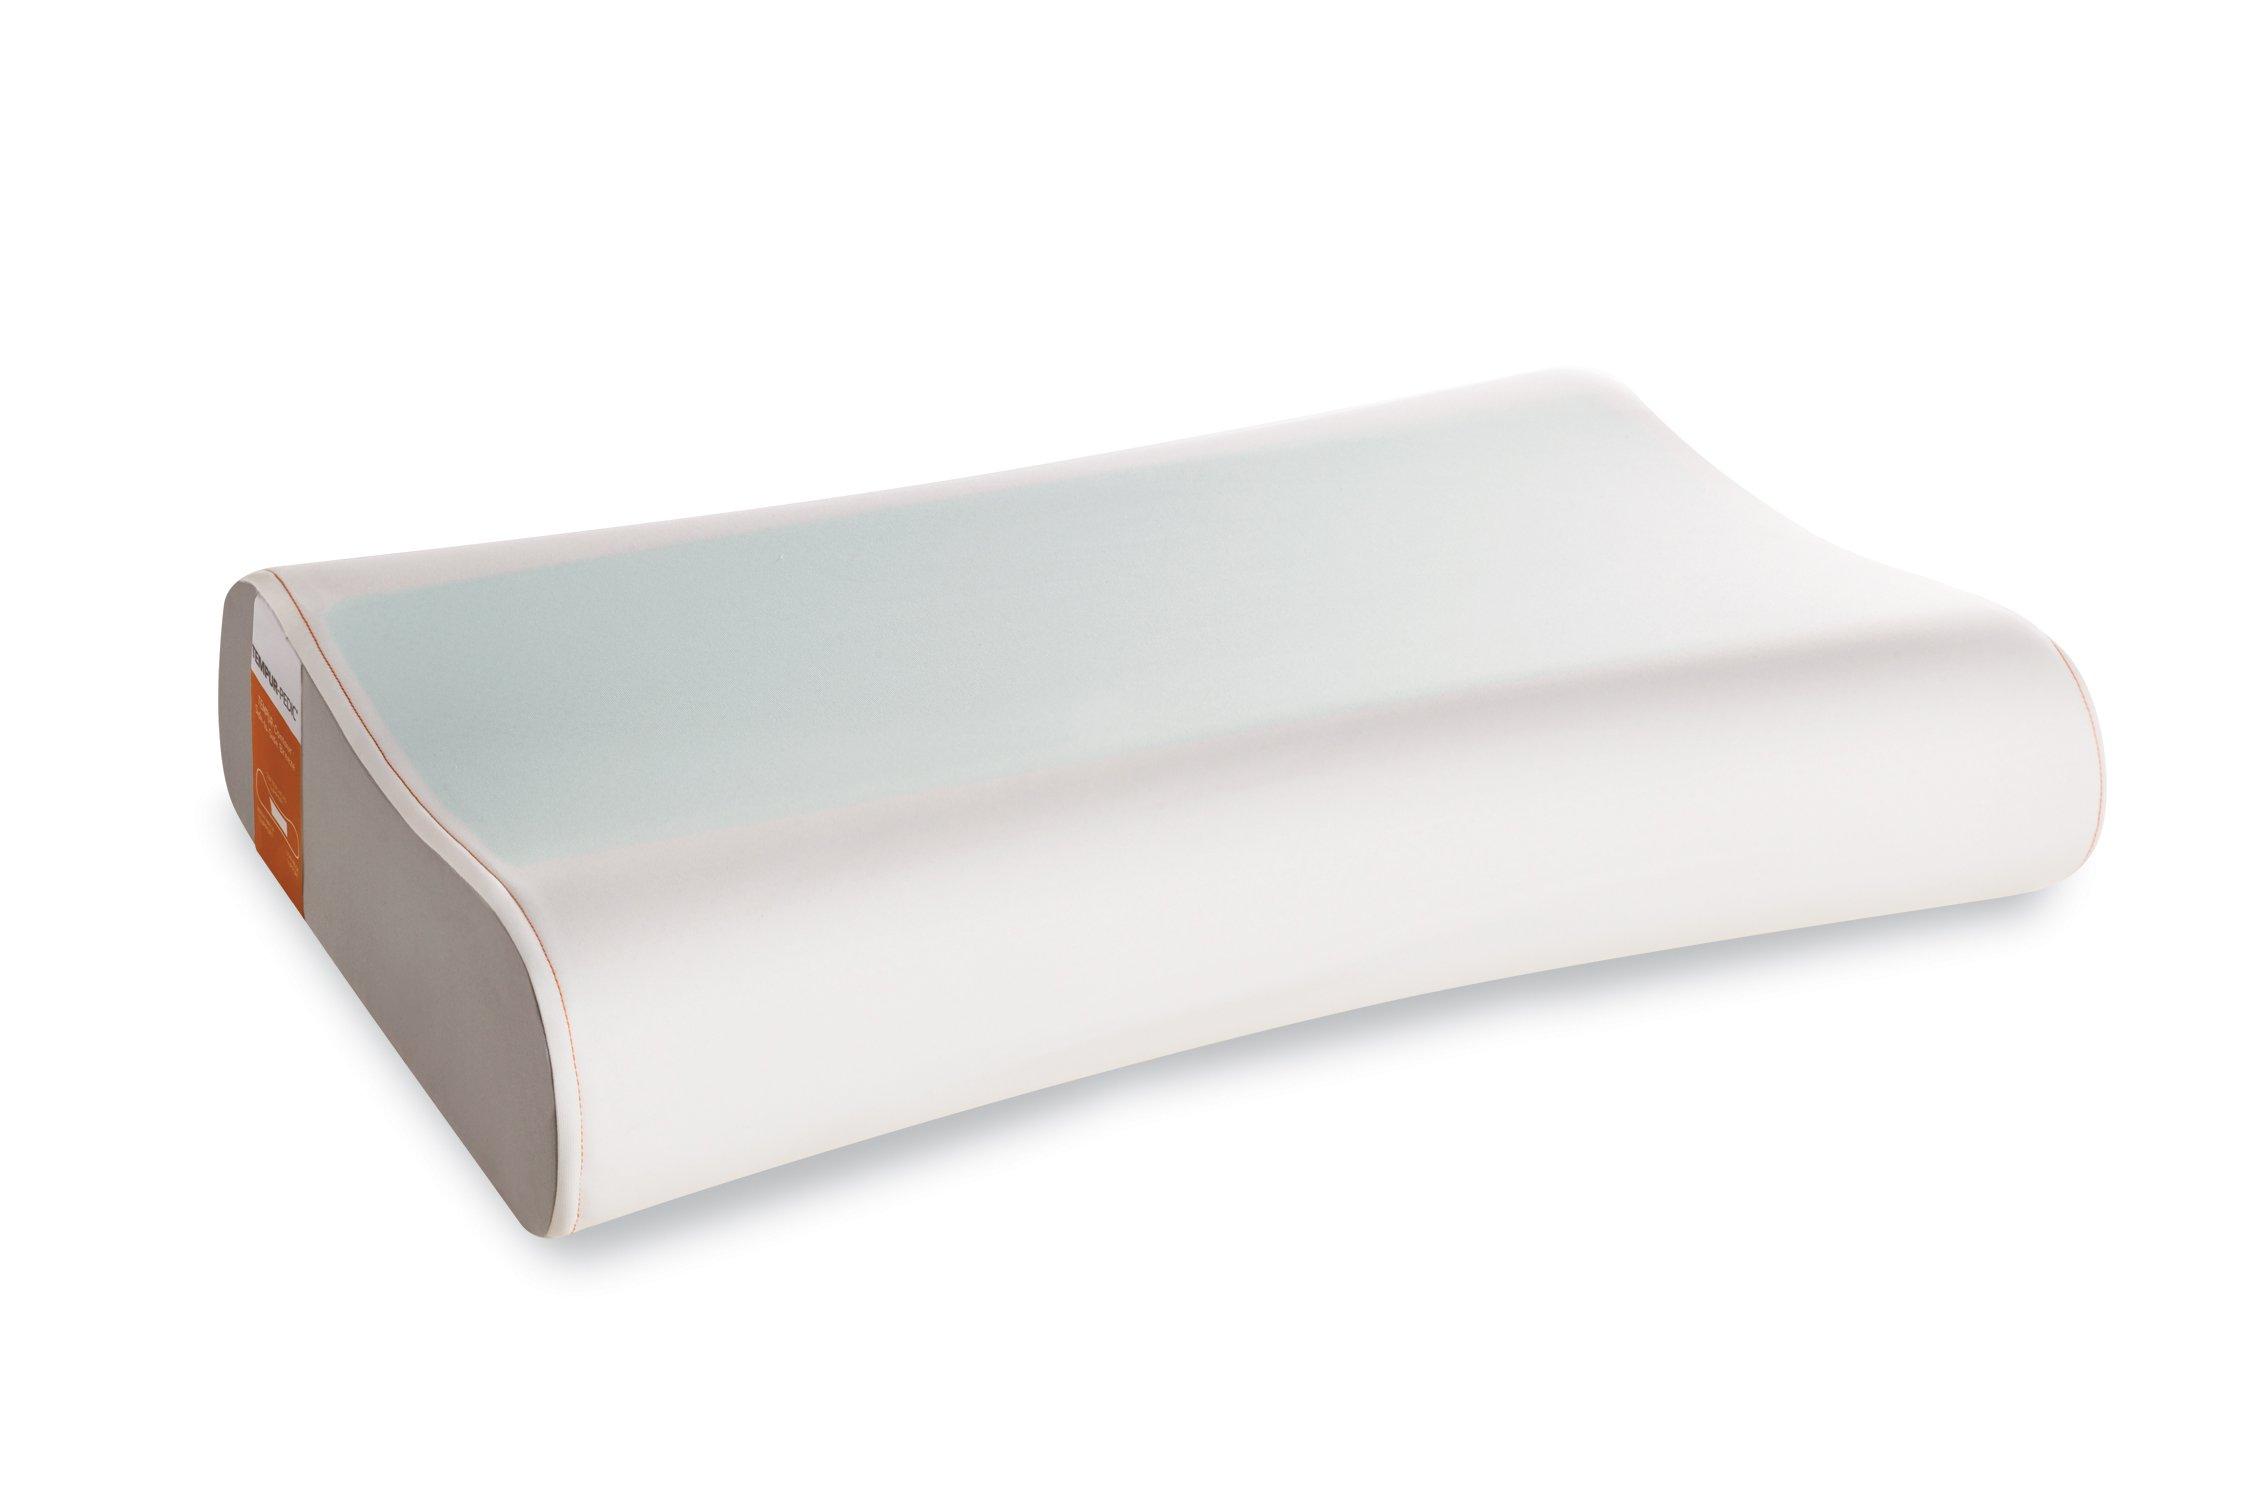 TEMPUR-Contour Breeze Side-To-Side Pillow